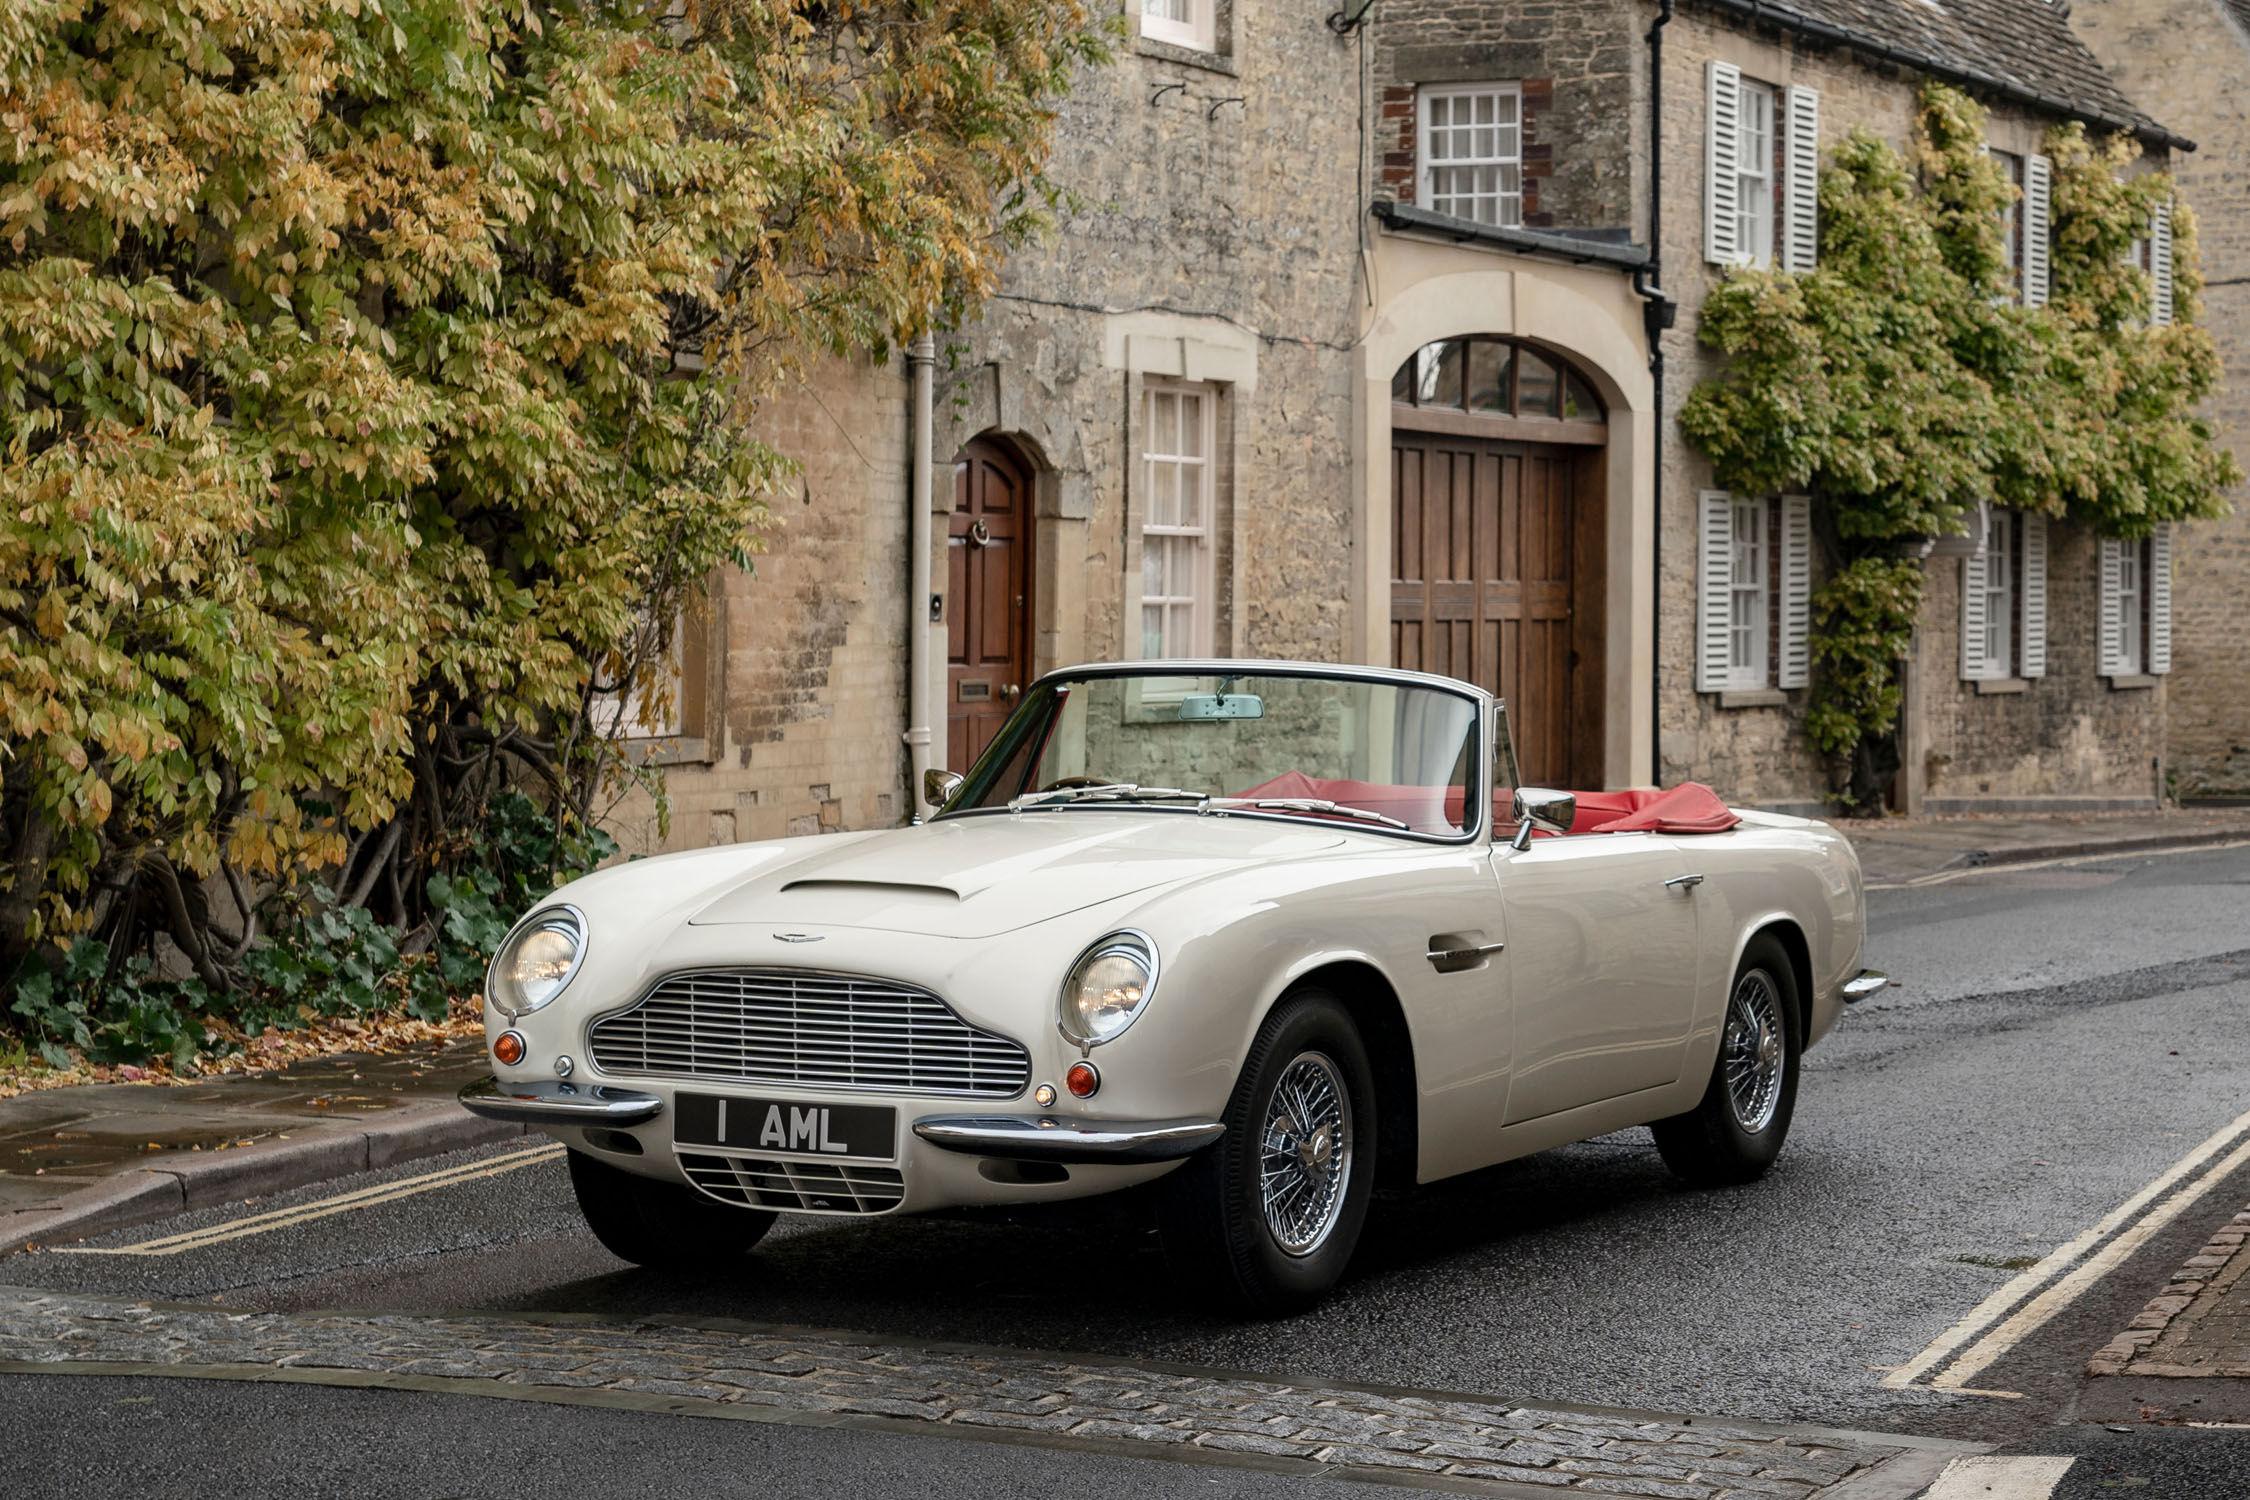 Aston Martin propose une conversion électrique de ses voitures anciennes